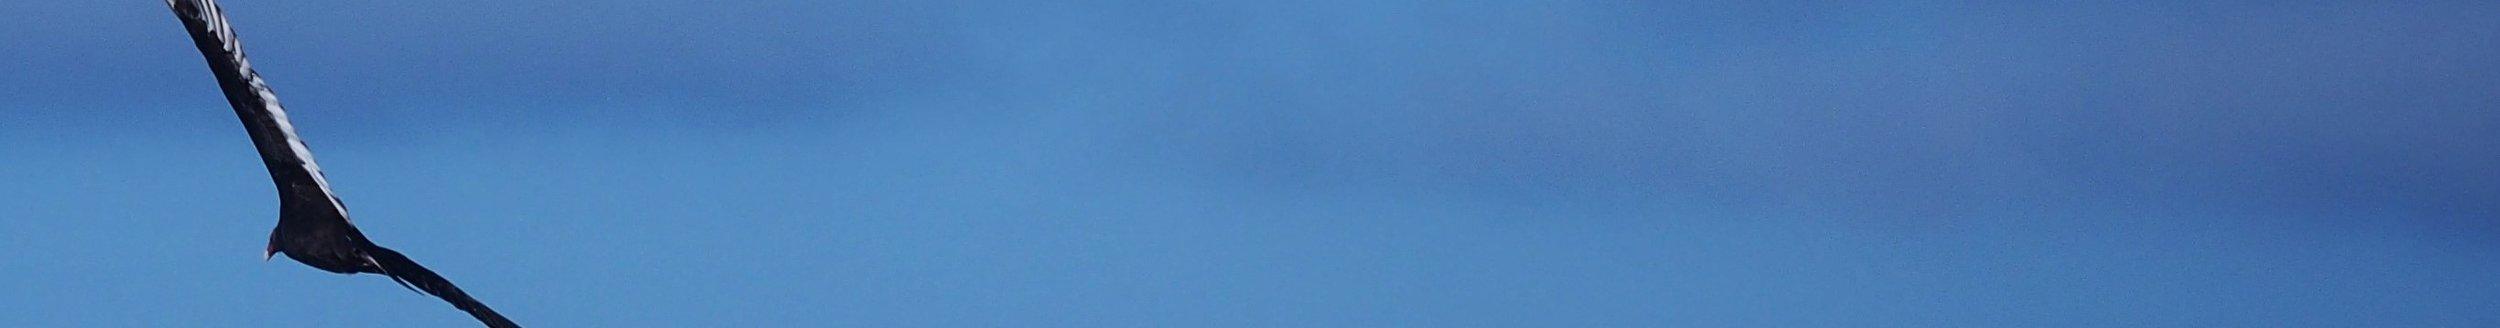 My Curious Ocean-Banner.JPG